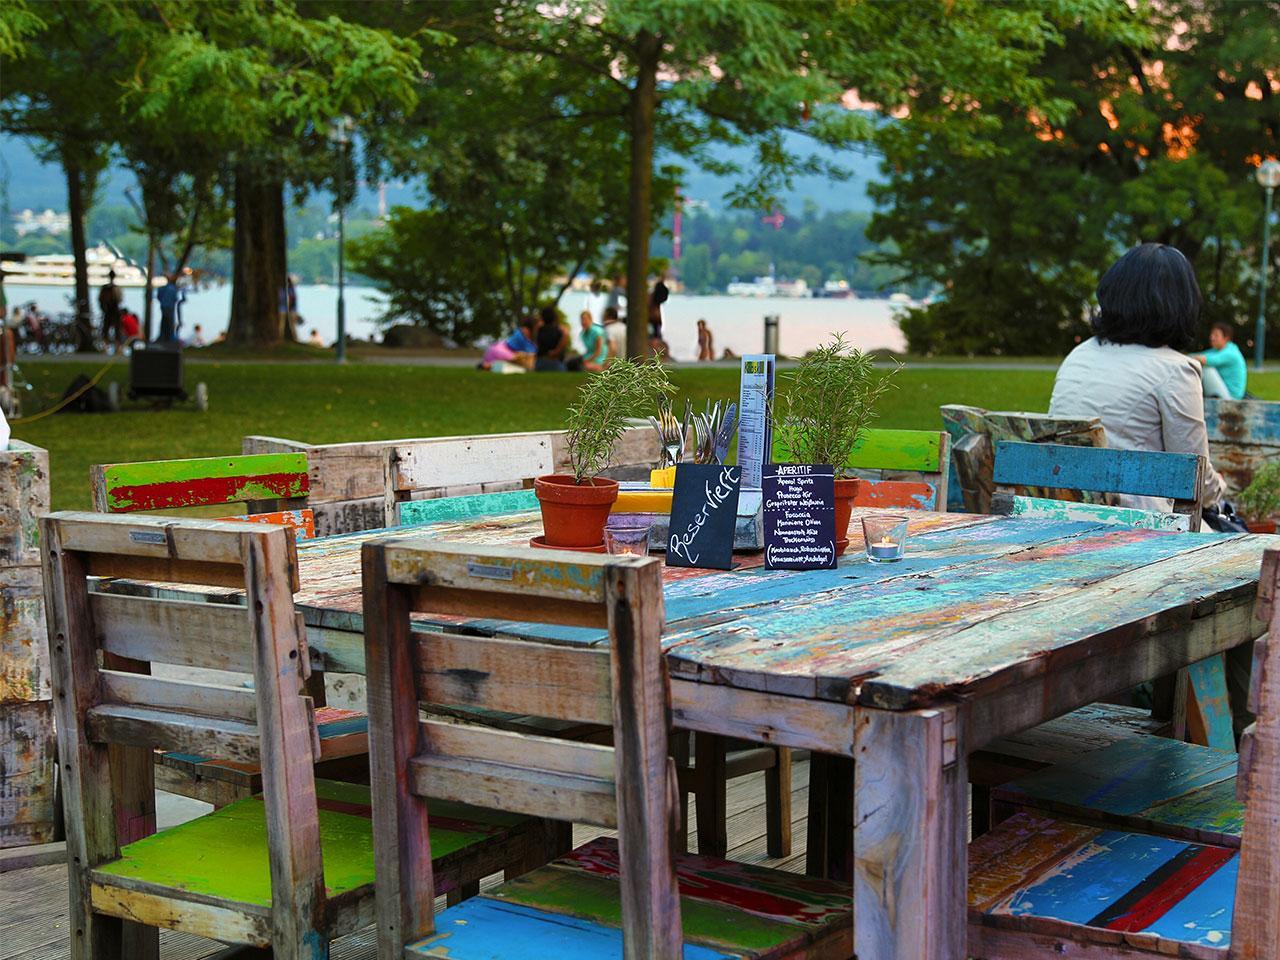 web_zurich_gastronomie_restaurant-kiosk_01-2